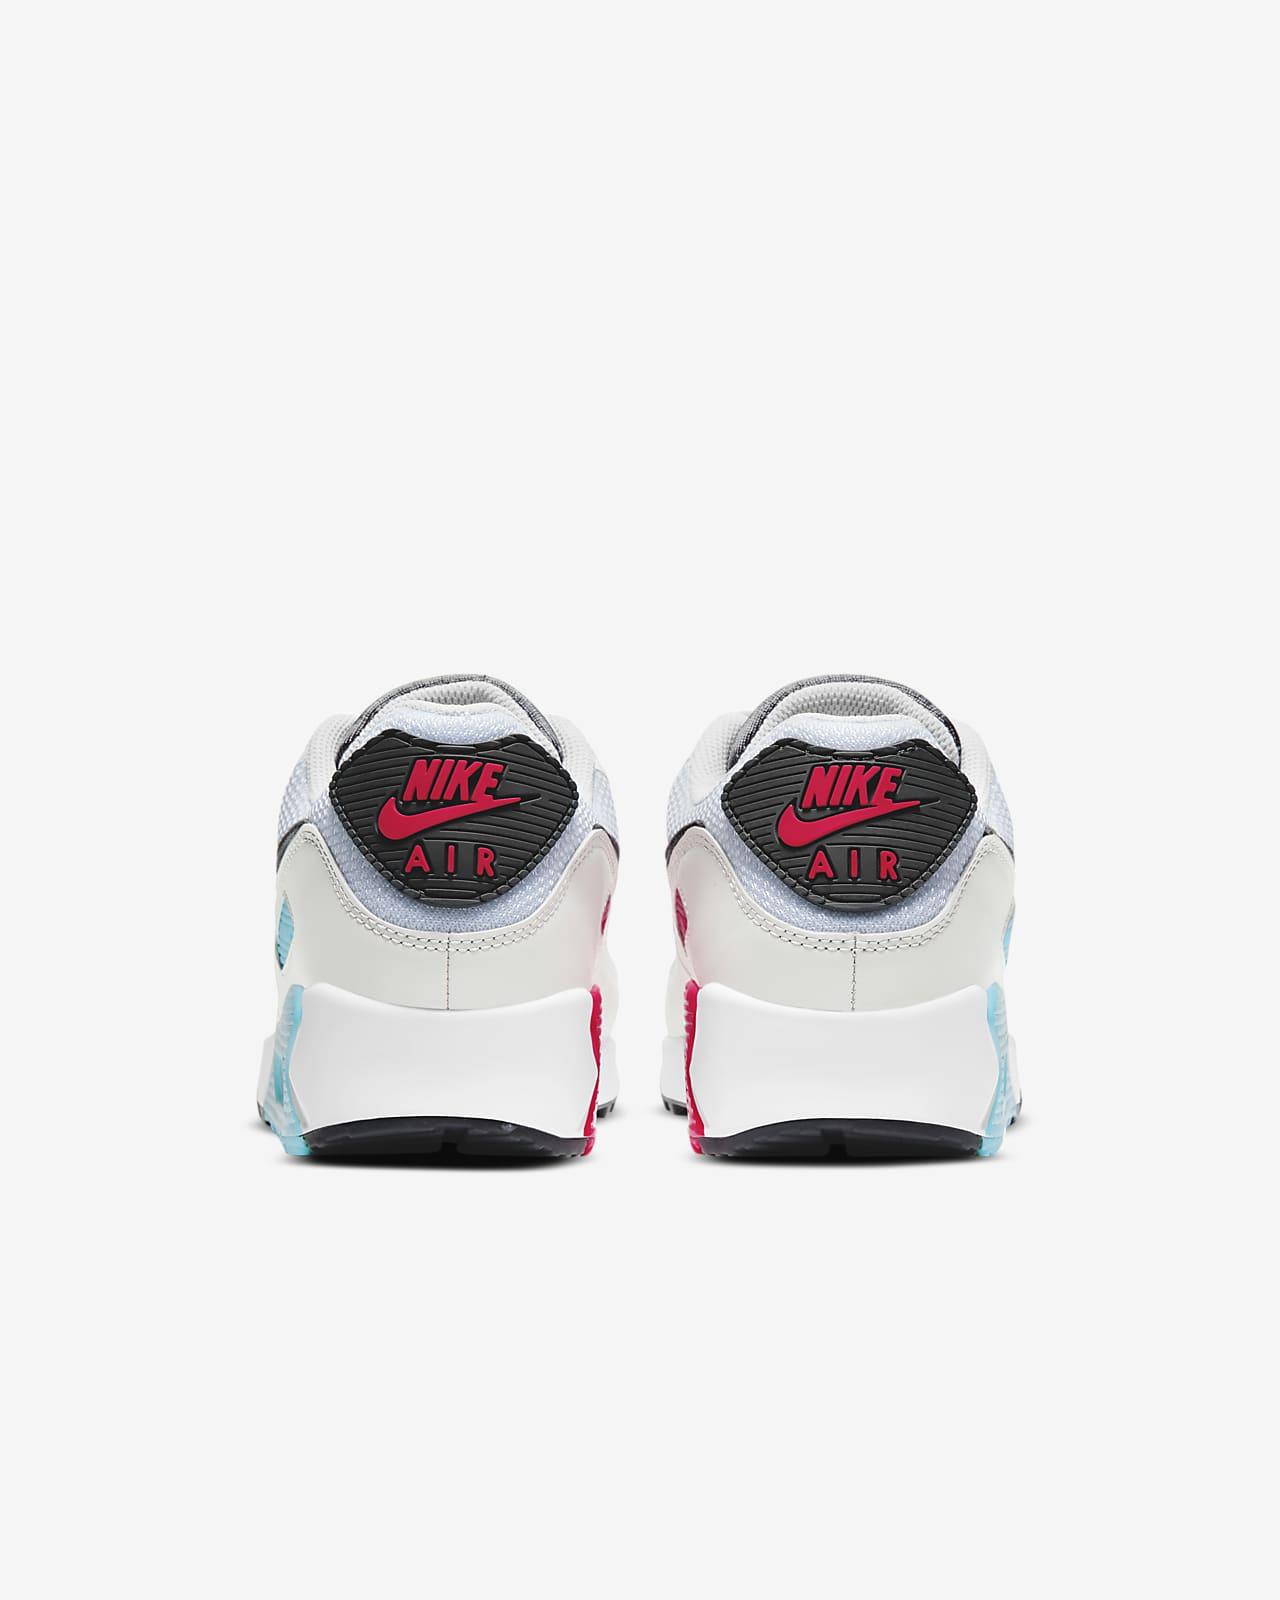 scarpe nike air max anni 90